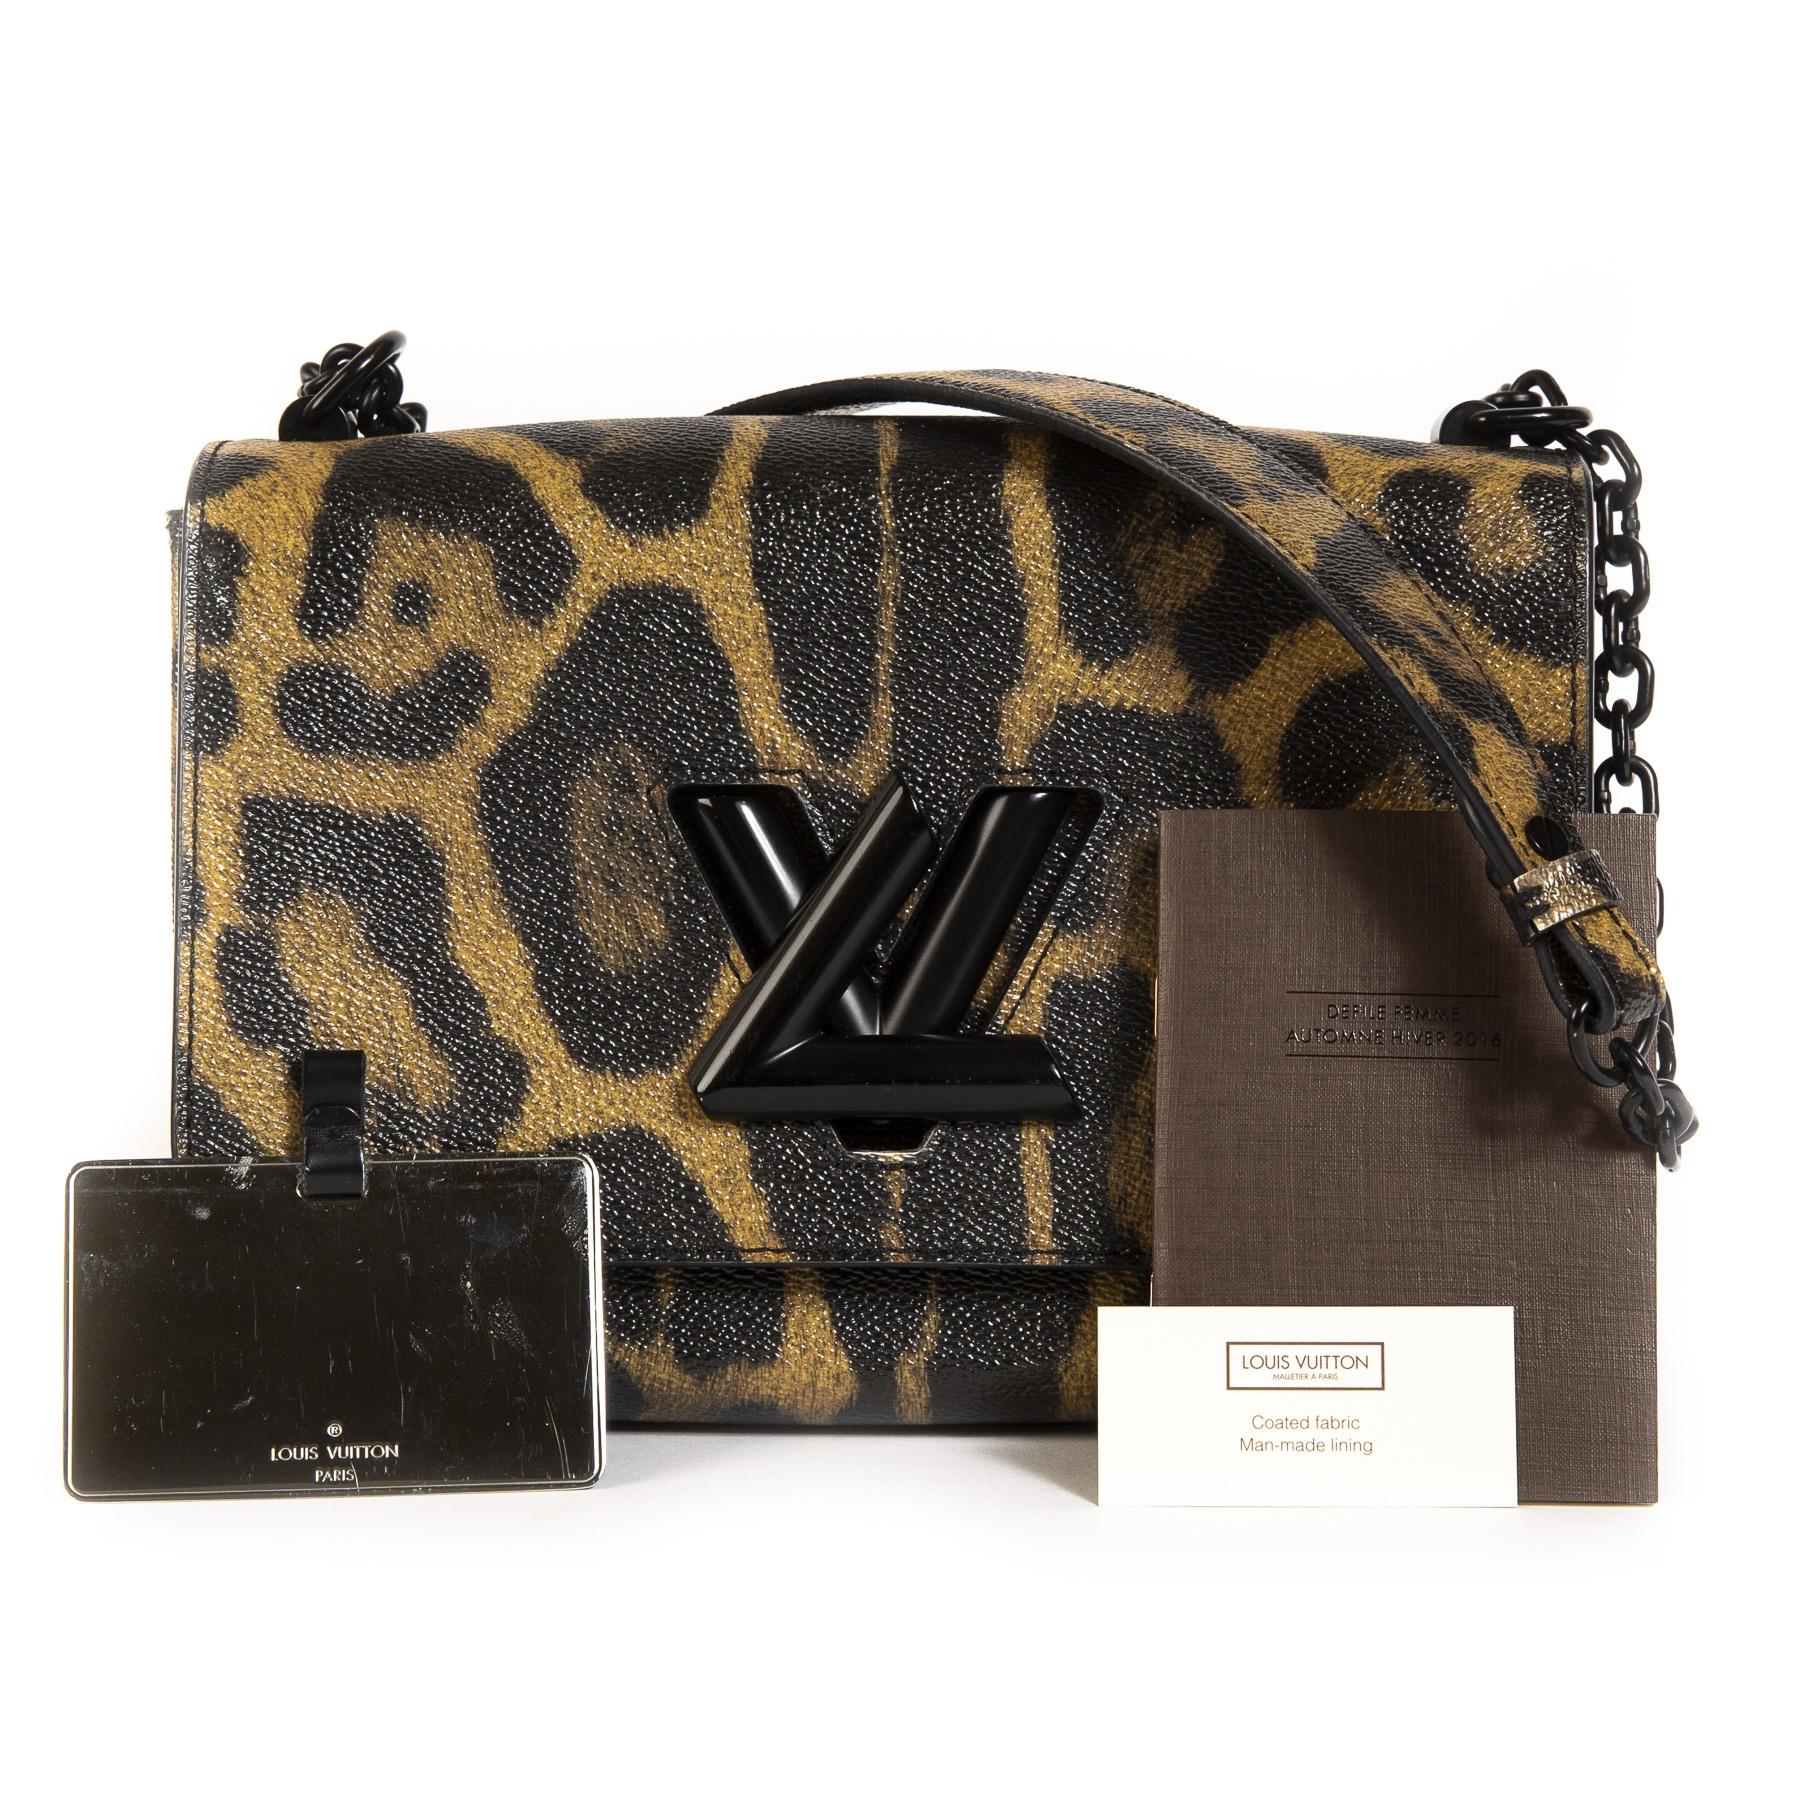 Louis Vuitton Leopard Twist MM Bag